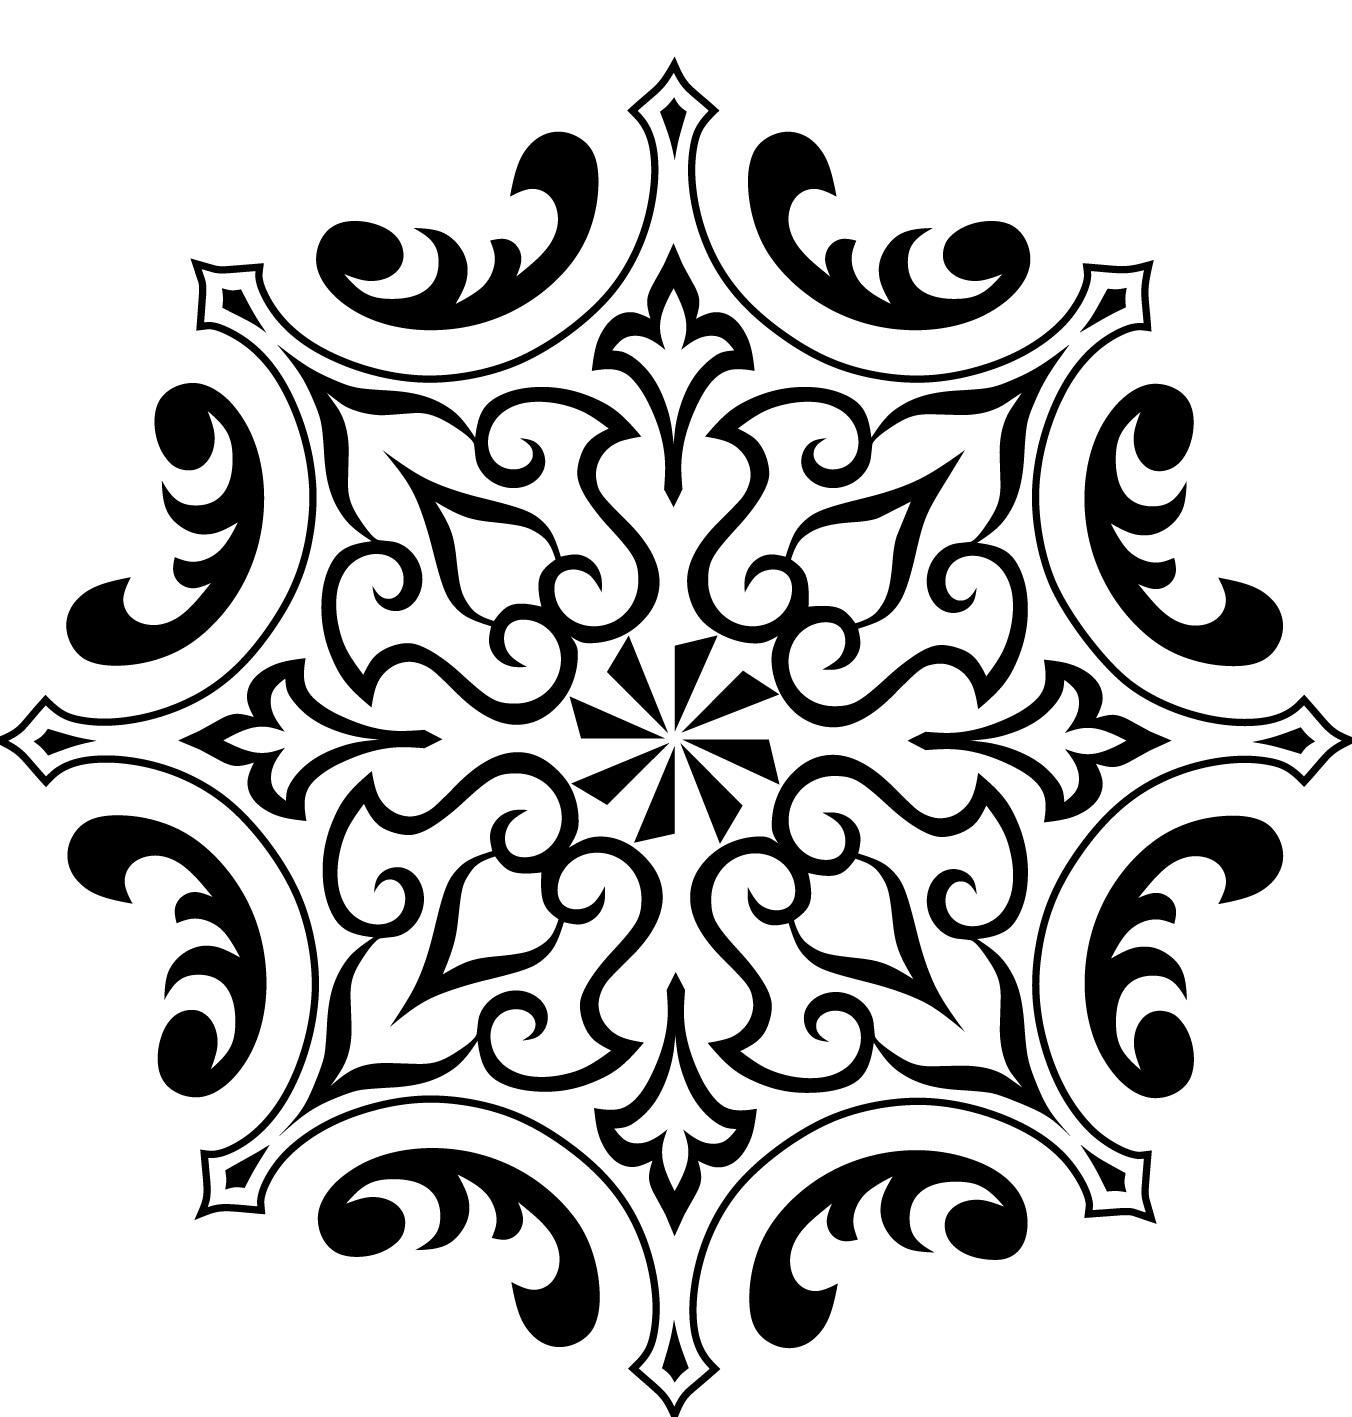 بالصور زخرفة اسلامية , صور لاشكال من الفن الاسلامي المميز 3614 4